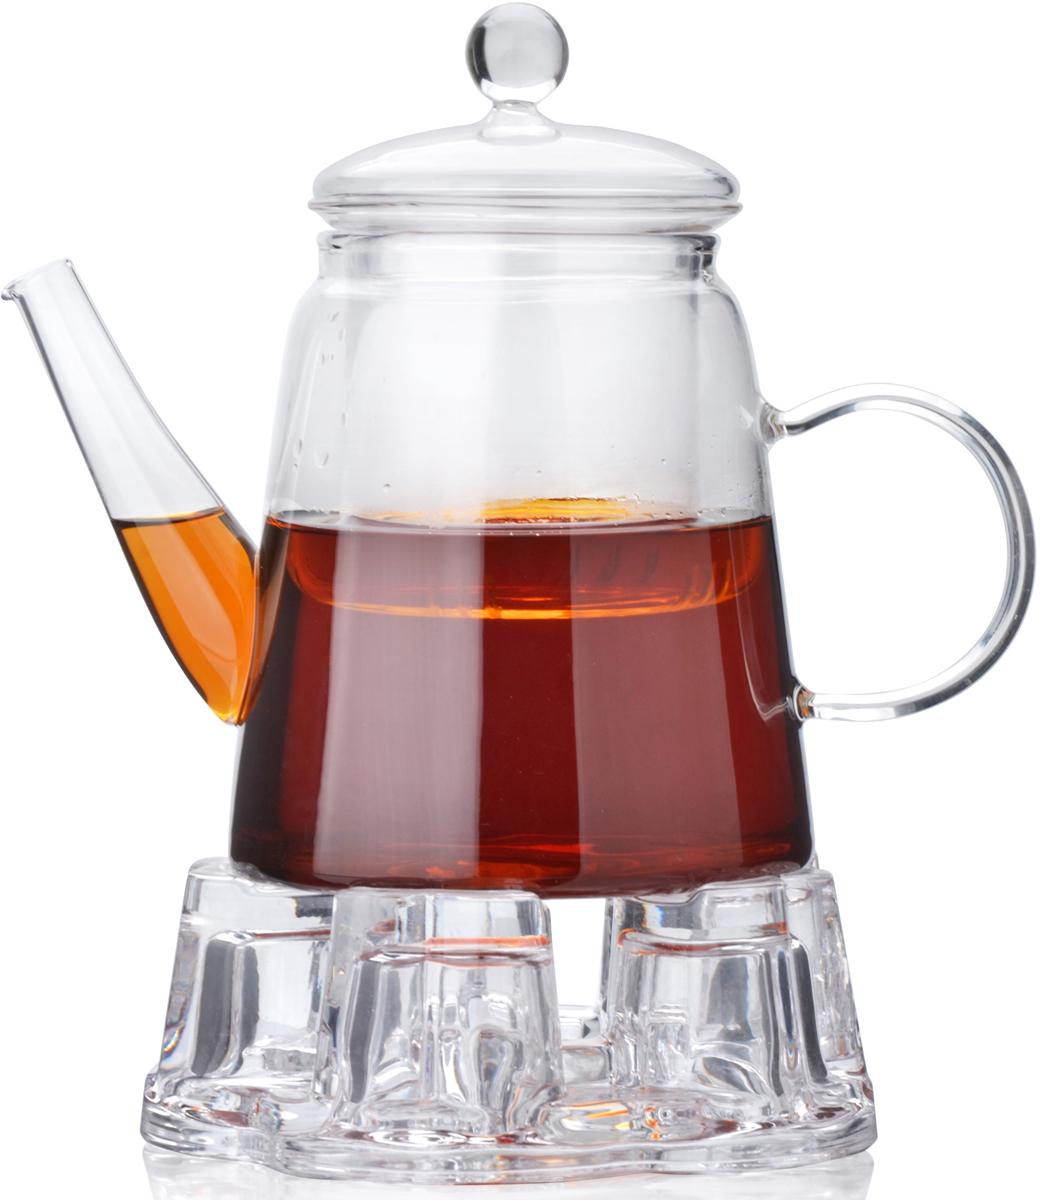 Заварочный чайник MAYER&BOCH изготовлен из термостойкого боросиликатного стекла. Чайник оснащен стеклянной подставкой для подогрева, рассчитанной на одну греющую свечу. Изделия из стекла не впитывают запахи, благодаря чему Вы всегда получите натуральный, насыщенный вкус и аромат напитков. Заварочный чайник из стекла удобно использовать для повседневного заваривания чая практически любого сорта, но цветочные, фруктовые, красные и желтые сорта чая лучше других раскрывают свой вкус и аромат при заваривании именно в стеклянных чайниках, а также сохраняют все полезные ферменты и витамины, содержащиеся в чайных листах. Стеклянный фильтр гарантирует прозрачность и чистоту напитка от чайных листьев, при этом сохранив букет и насыщенность чая. Прозрачные стенки чайника дают возможность насладиться насыщенным цветом заваренного чая. Изящный заварочный чайник MAYER&BOCH будет прекрасно смотреться в любом интерьере. Не подходит для использования в микроволновой печи. Подходит для мытья в посудомоечной машине.